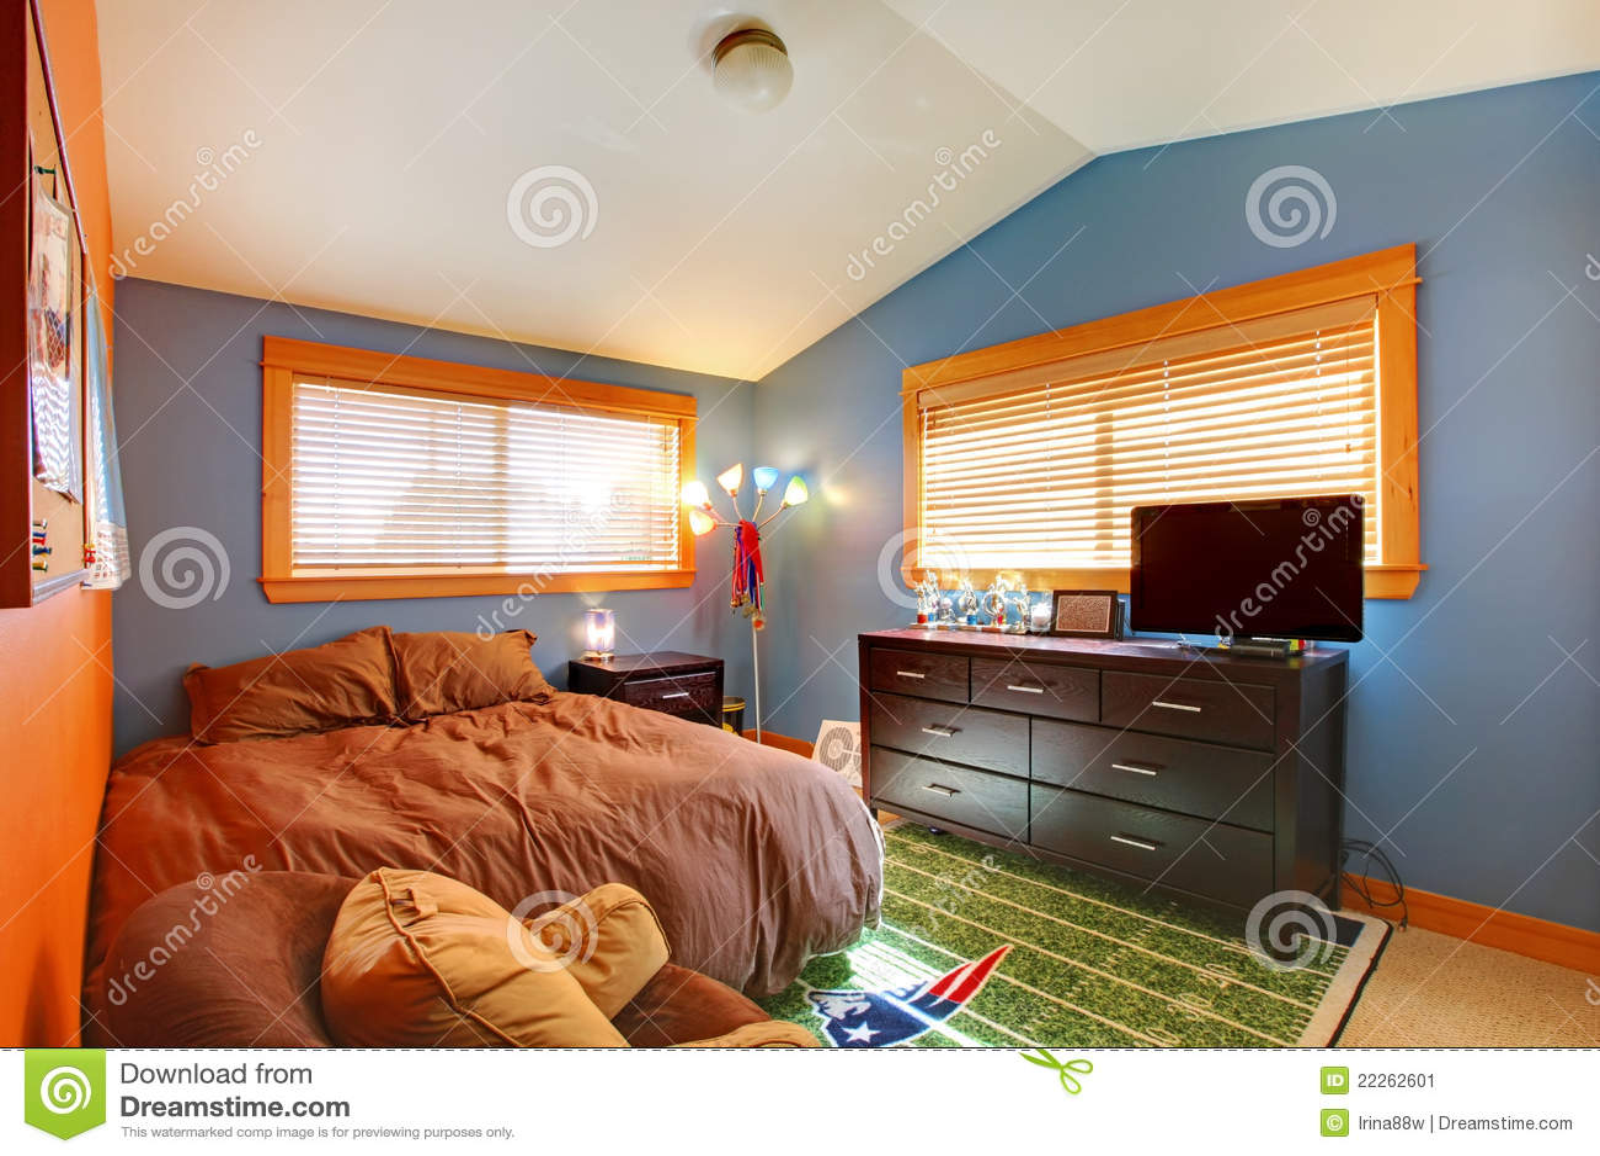 Slaapkamer roze bruin ~ [Spscents.com]